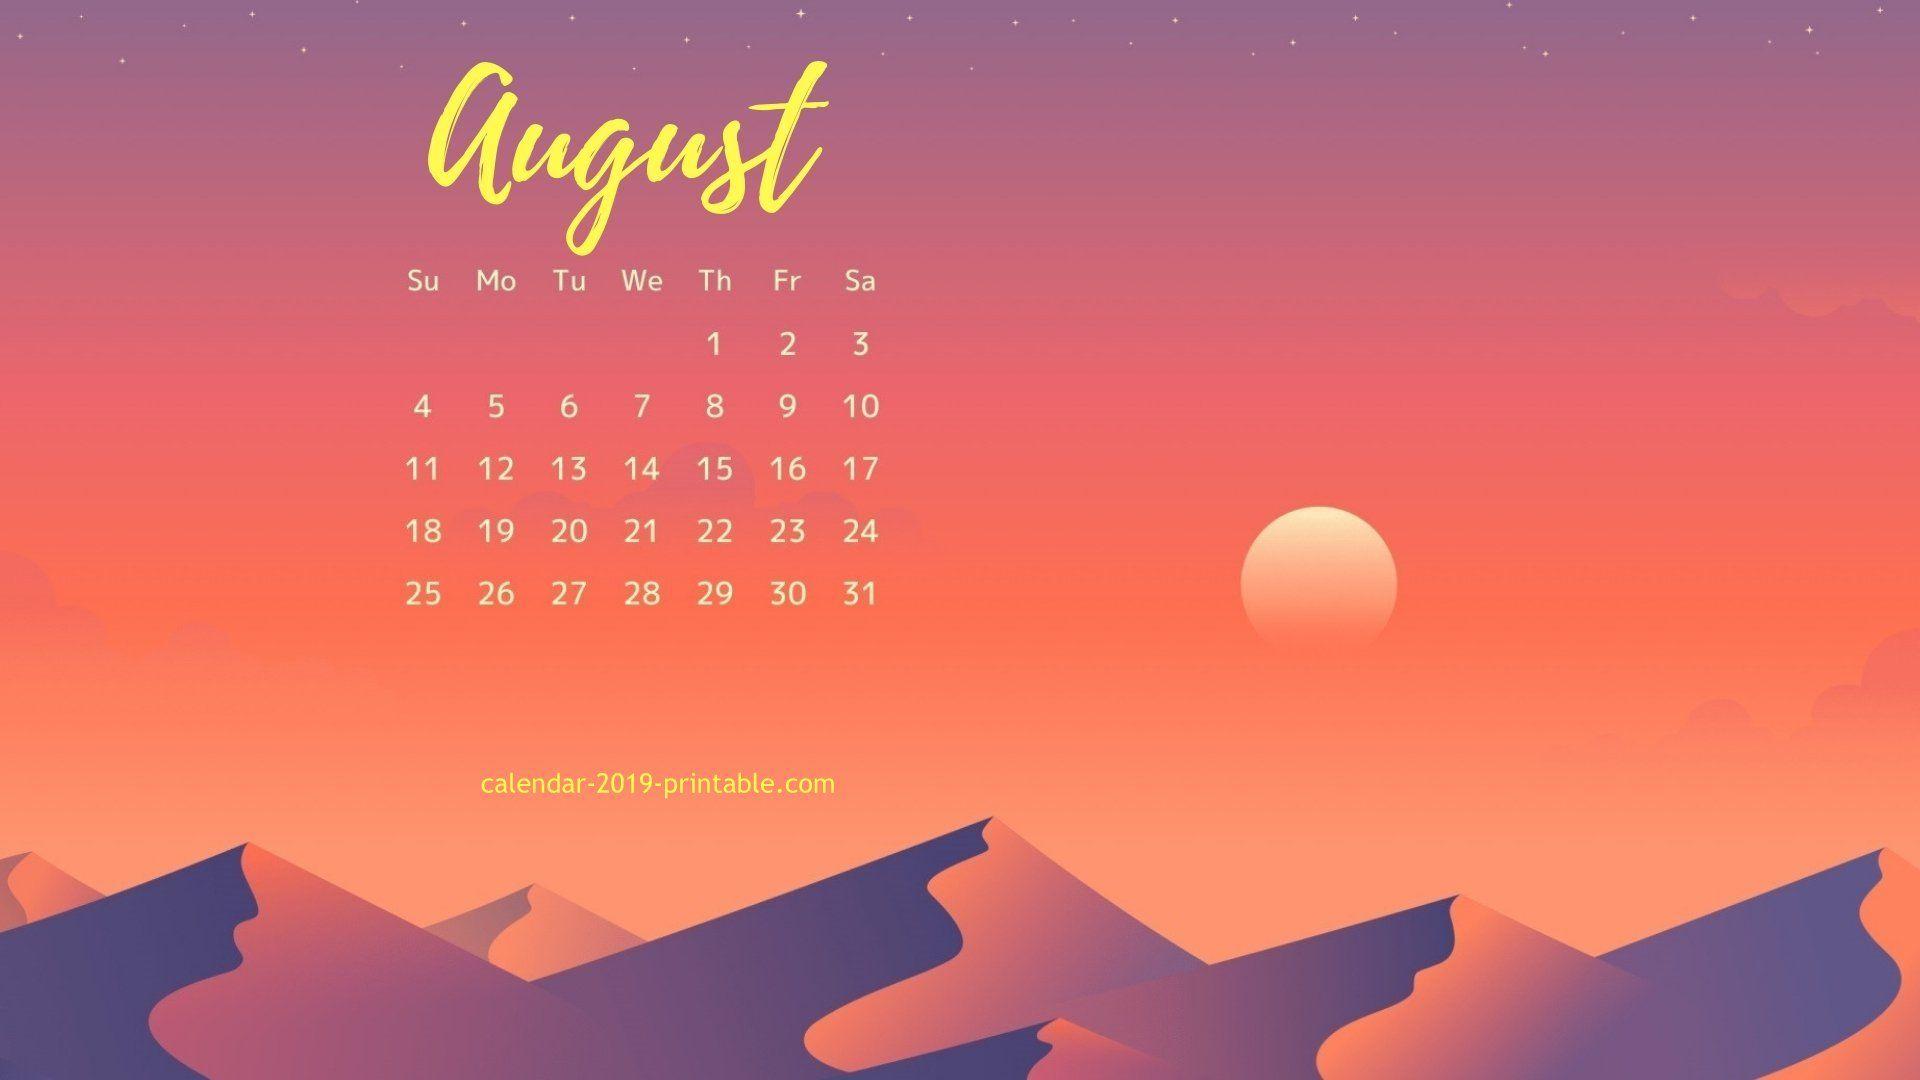 August 2019 Calendar Wallpaper   Calendar Wallpaper, 2019